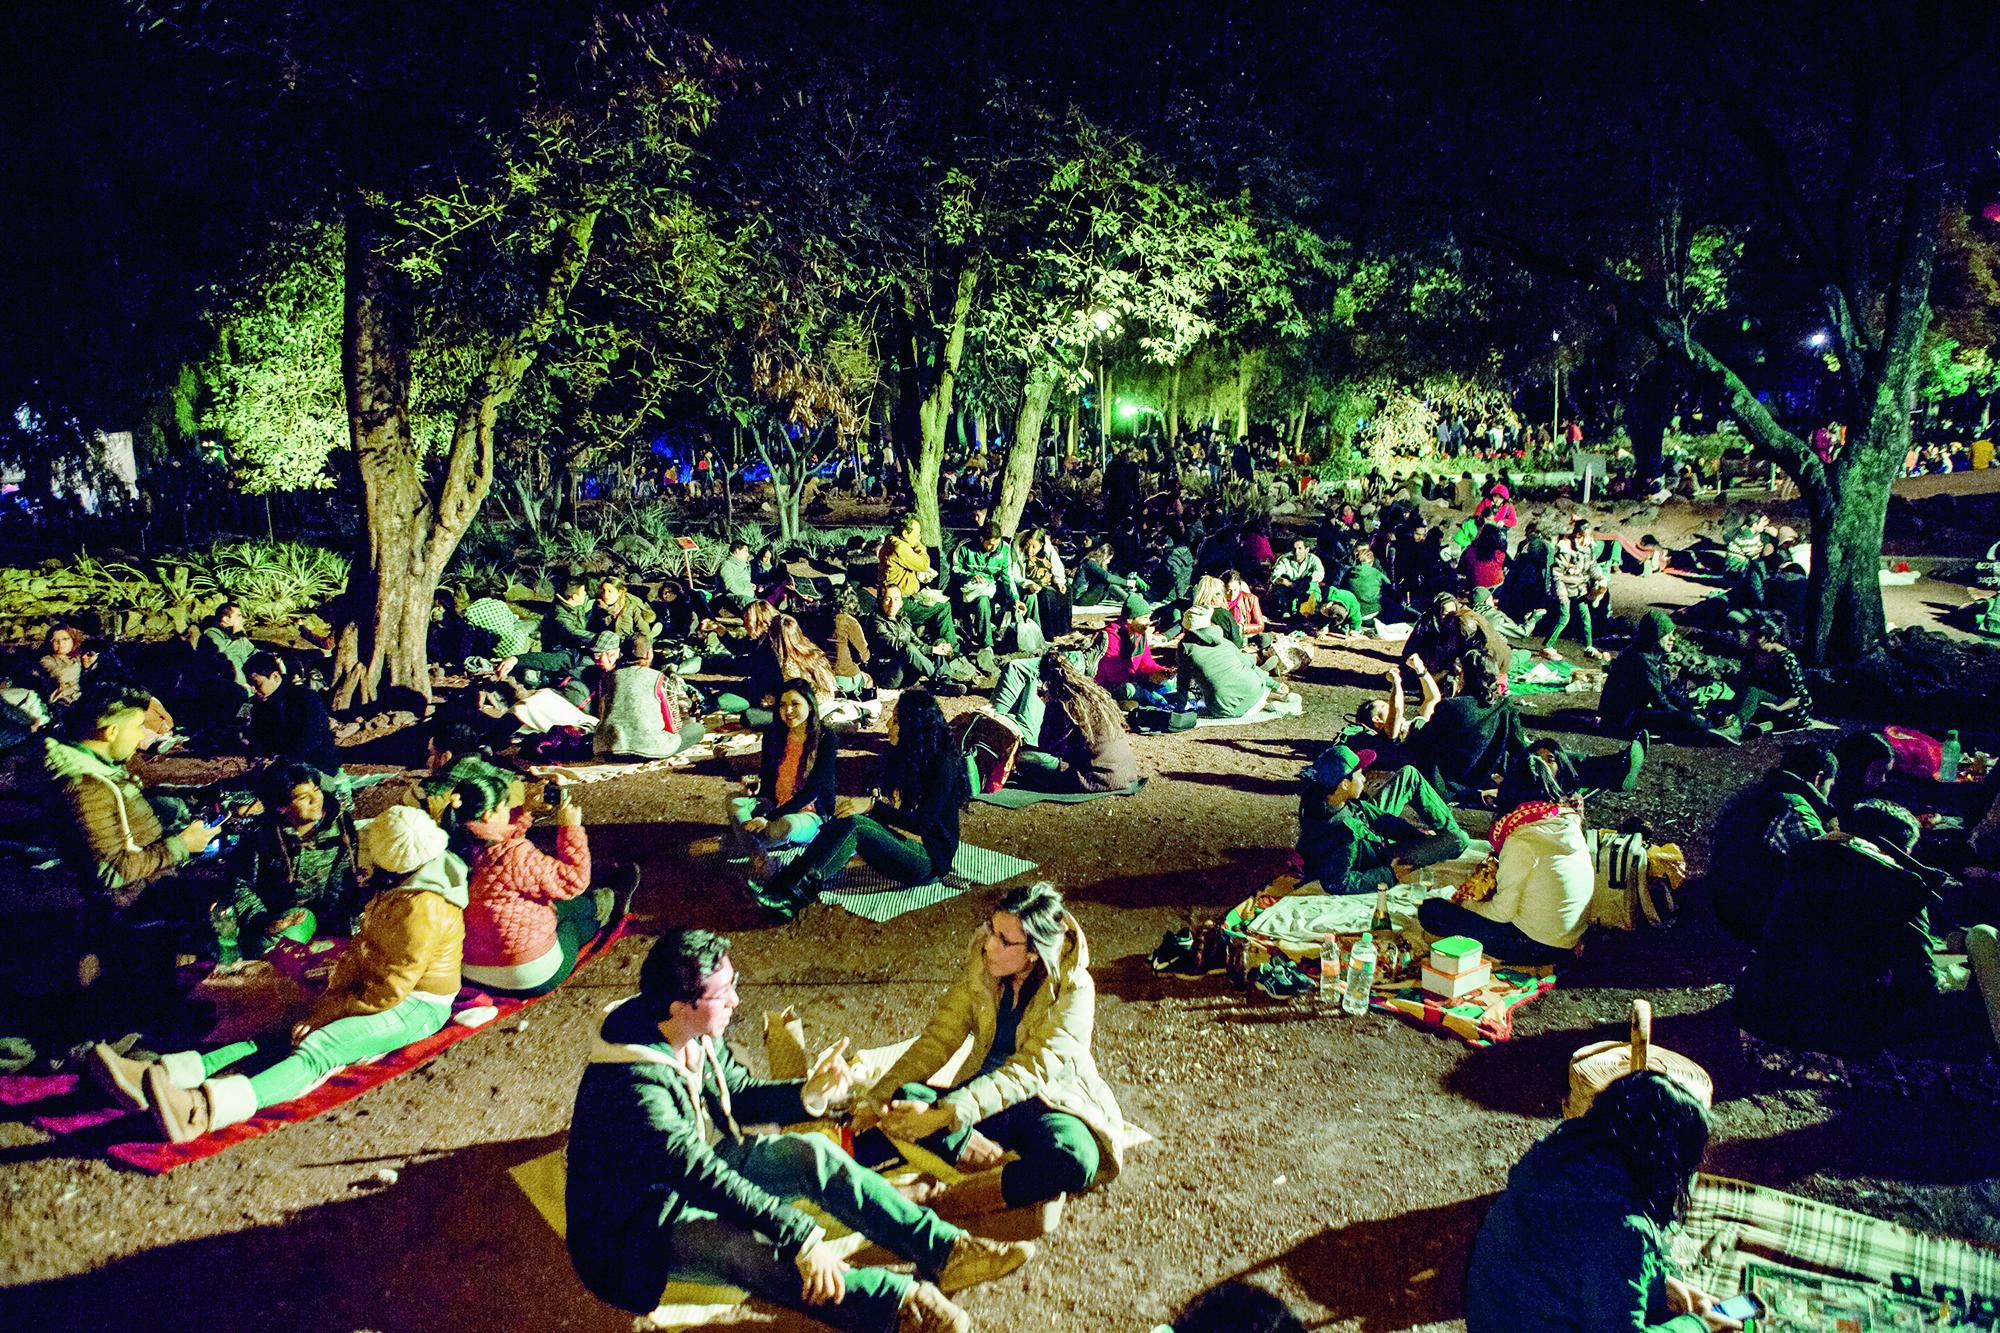 Picnic nocturno en el bot nico m sporm s for Jardin botanico nocturno 2016